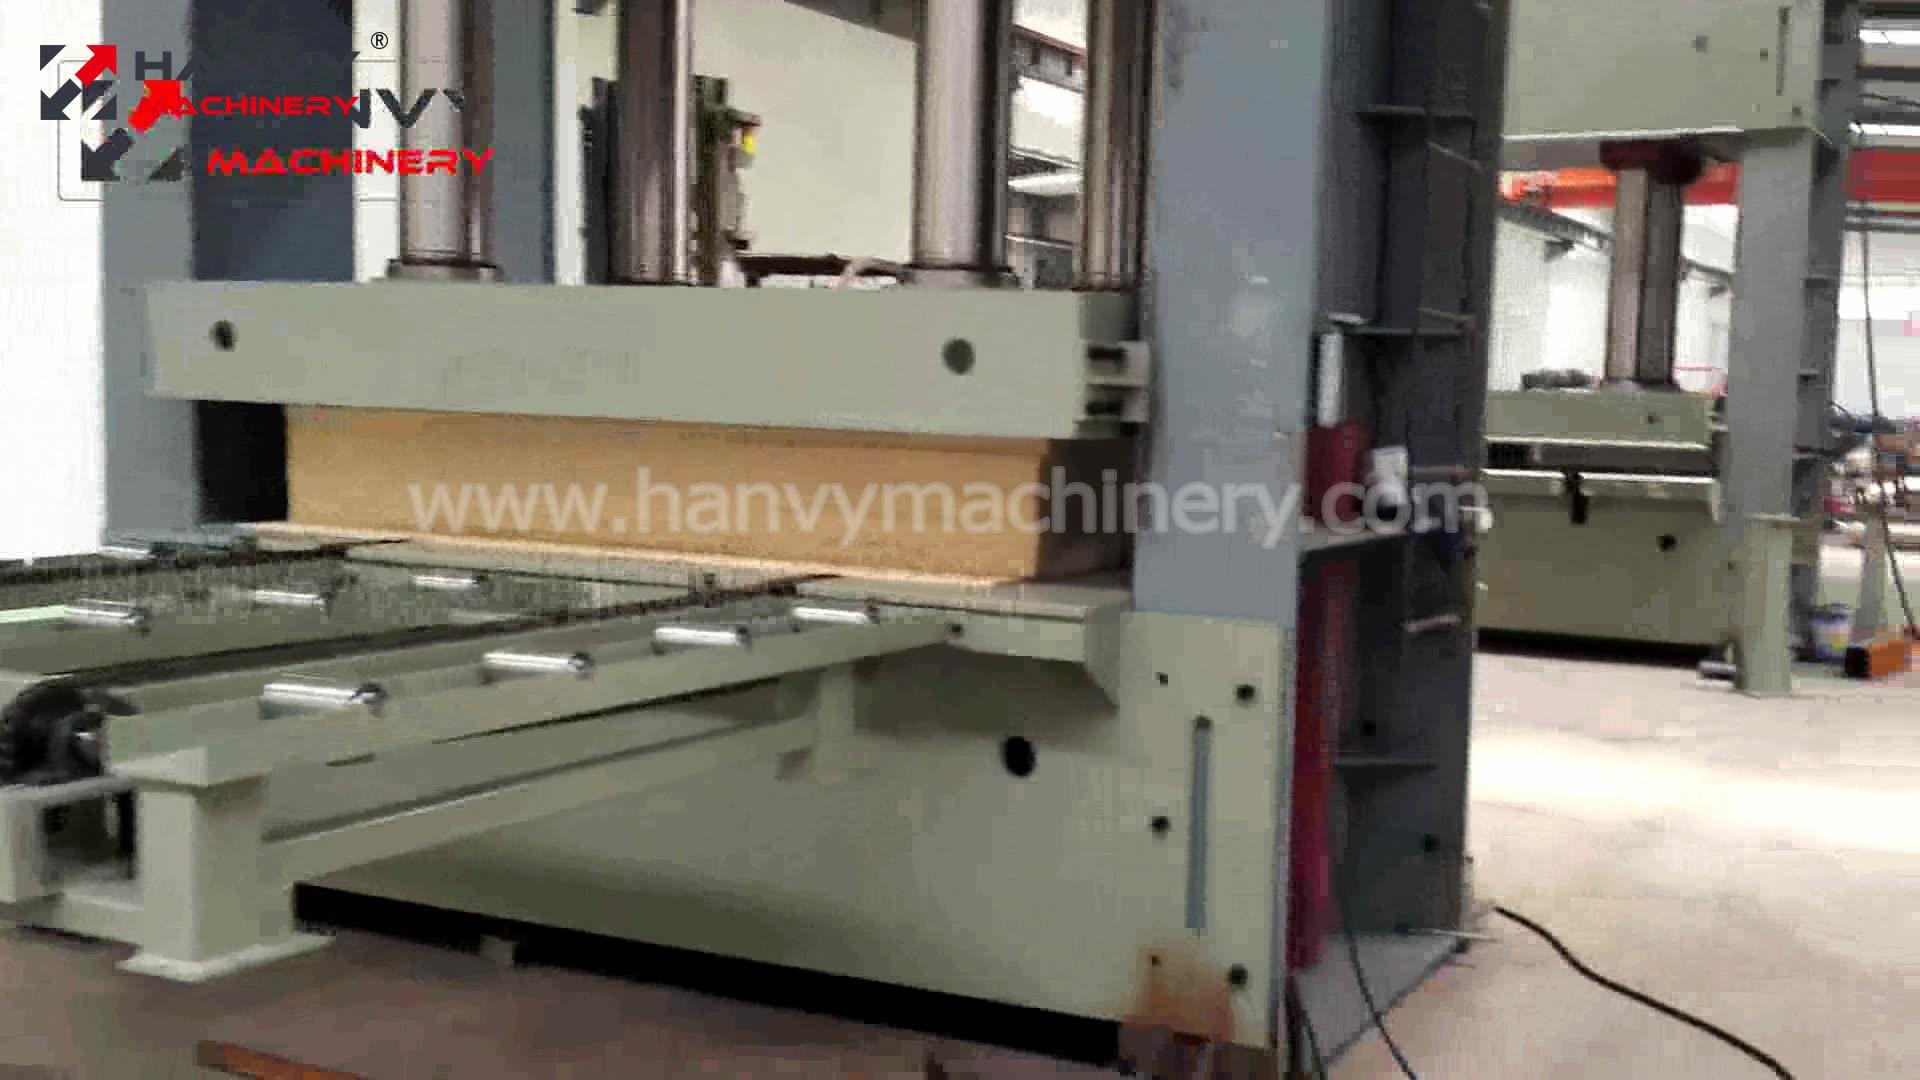 جهاز PLC من سيمنز 1370x2700 ملليمتر 500T Hanvy الخشب الرقائقي الباردة الصحافة